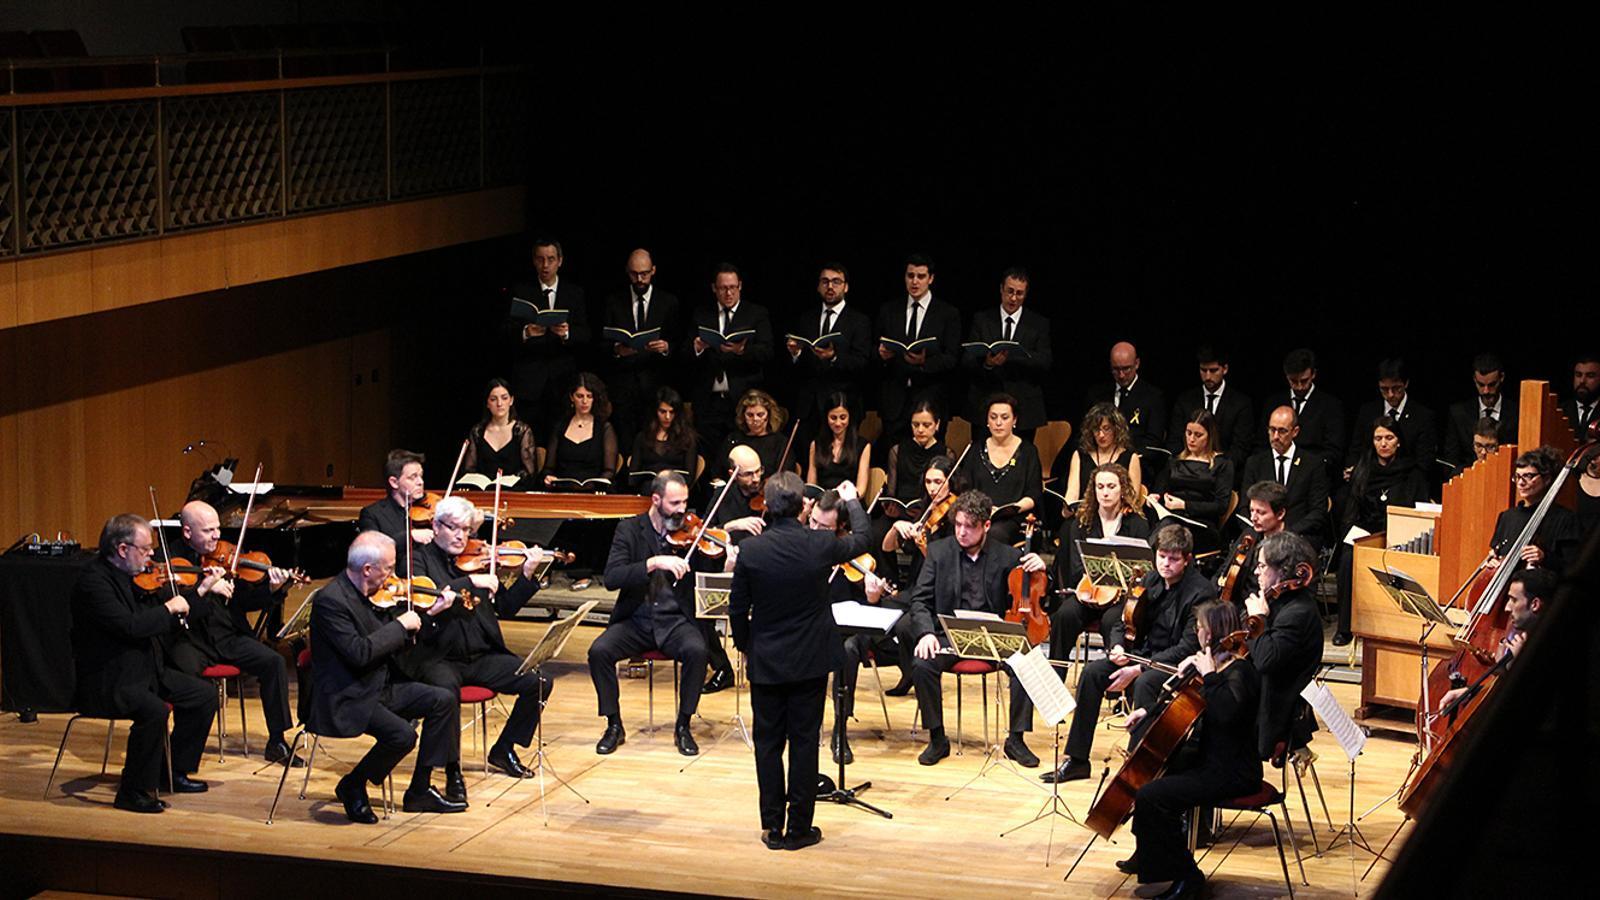 Un moment del concert amb l'ONCA i el Cor de Cambra del Palau de la Música. / M. M. (ANA)